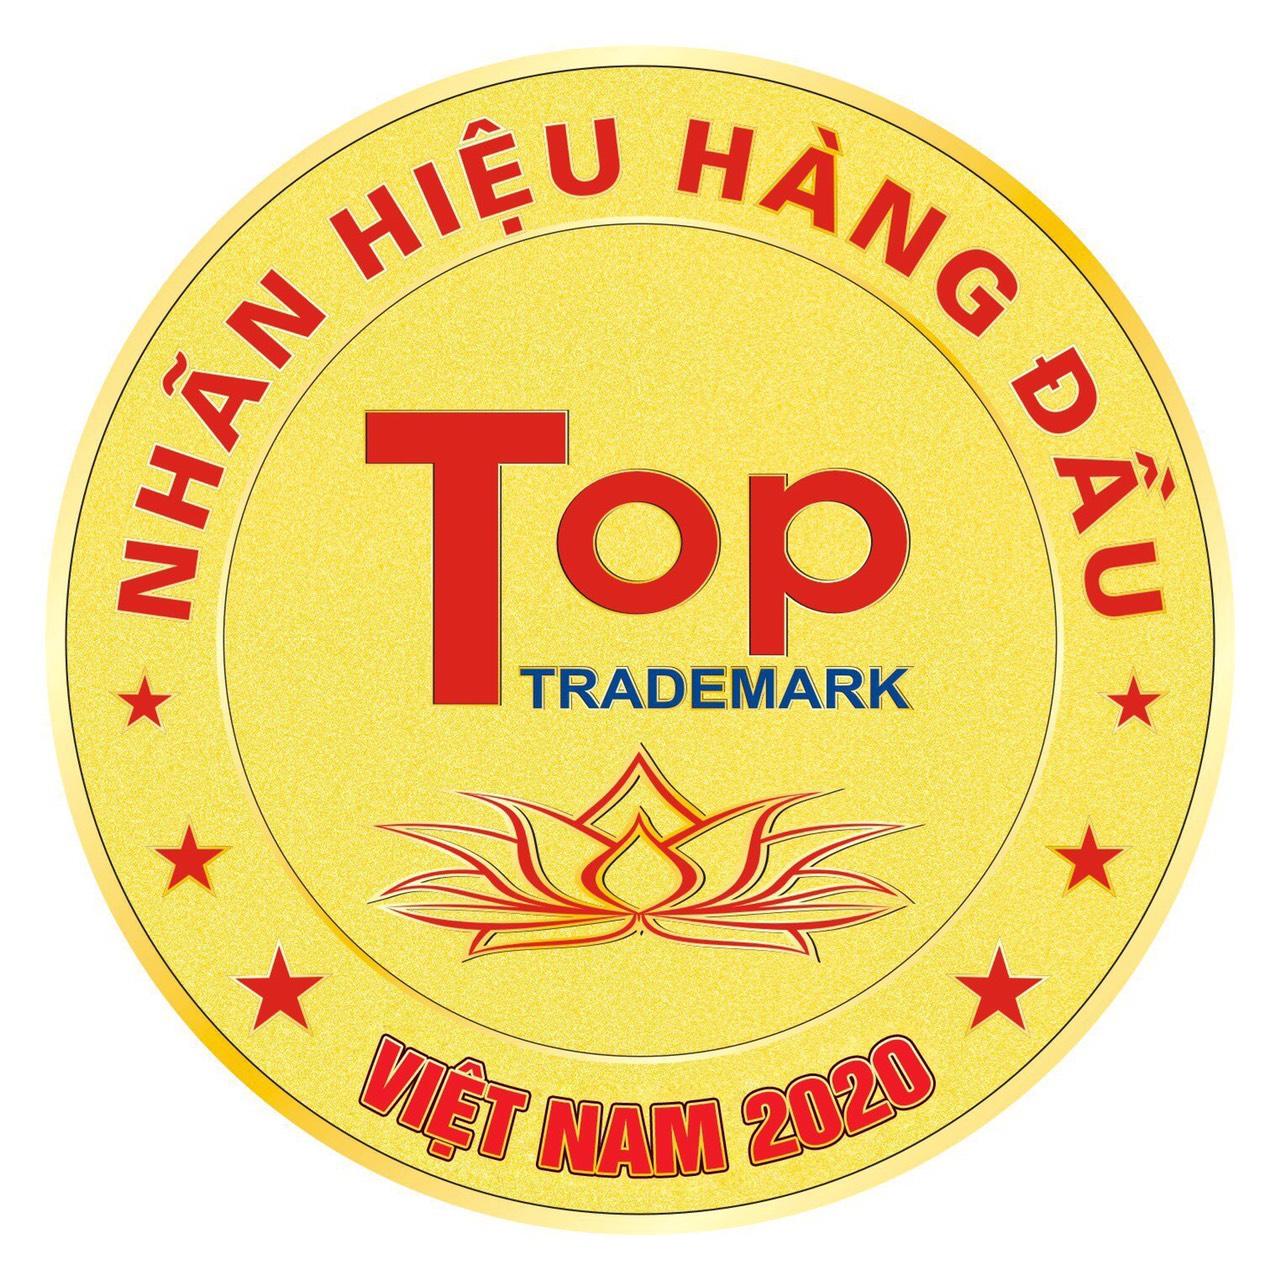 Nhãn hiệu hàng đầu Việt Nam (2017, 2018, 2019, 2020 - Hội sở Hữu Trí tuệ Việt Nam xếp hạng)